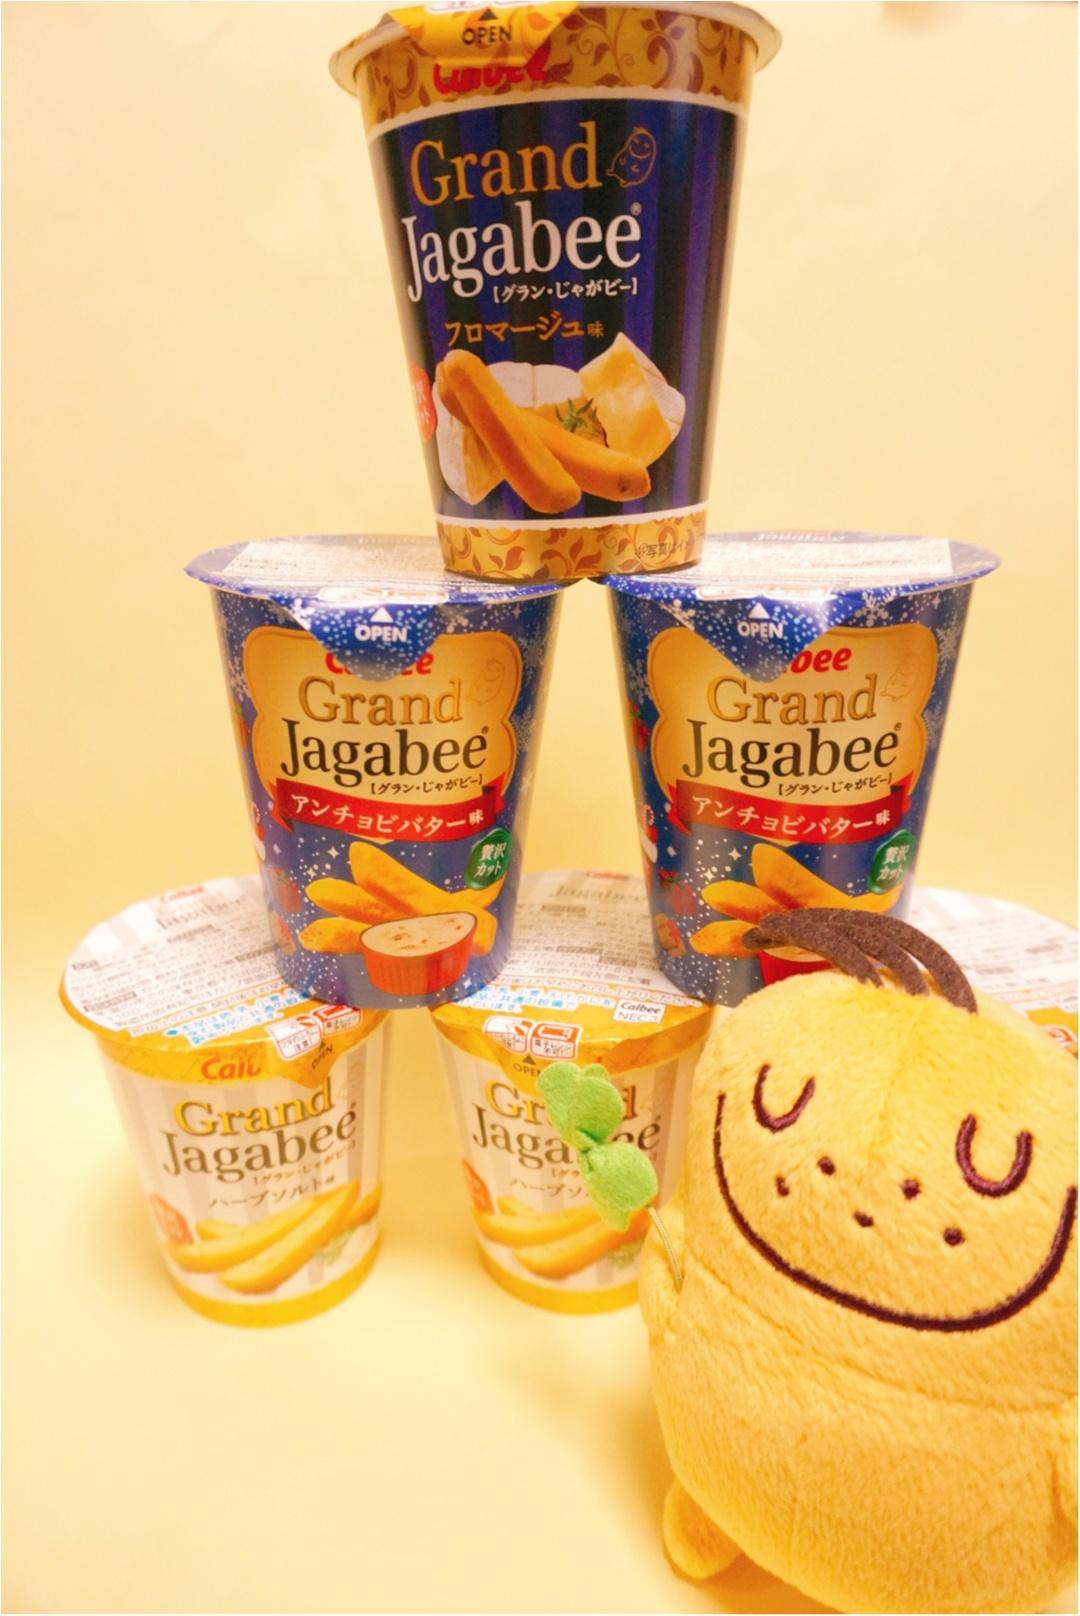 《今日のおやつはちょっぴり贅沢に❤︎》新味も続々登場‼︎一度食べたらやみつきになる【Grand Jagabee】が美味すぎるっ♡現在発売中の3種をご紹介♪_3